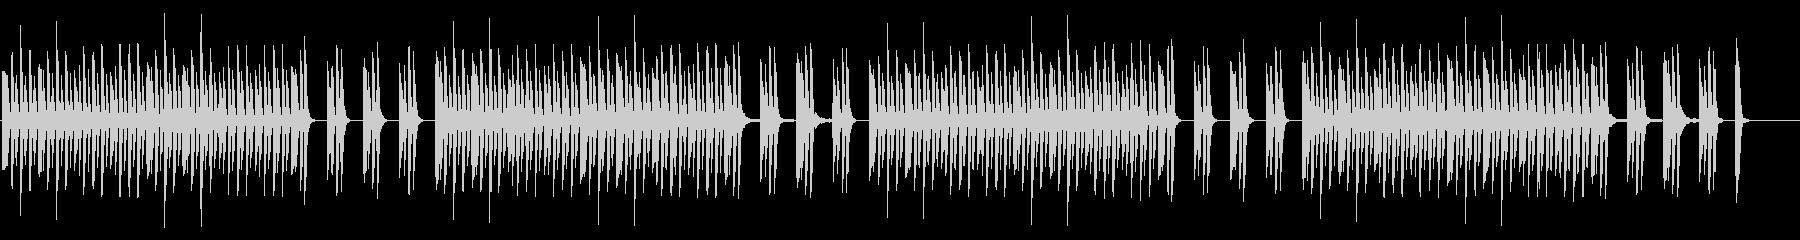 ナレーションを邪魔しないシンプルなピアノの未再生の波形